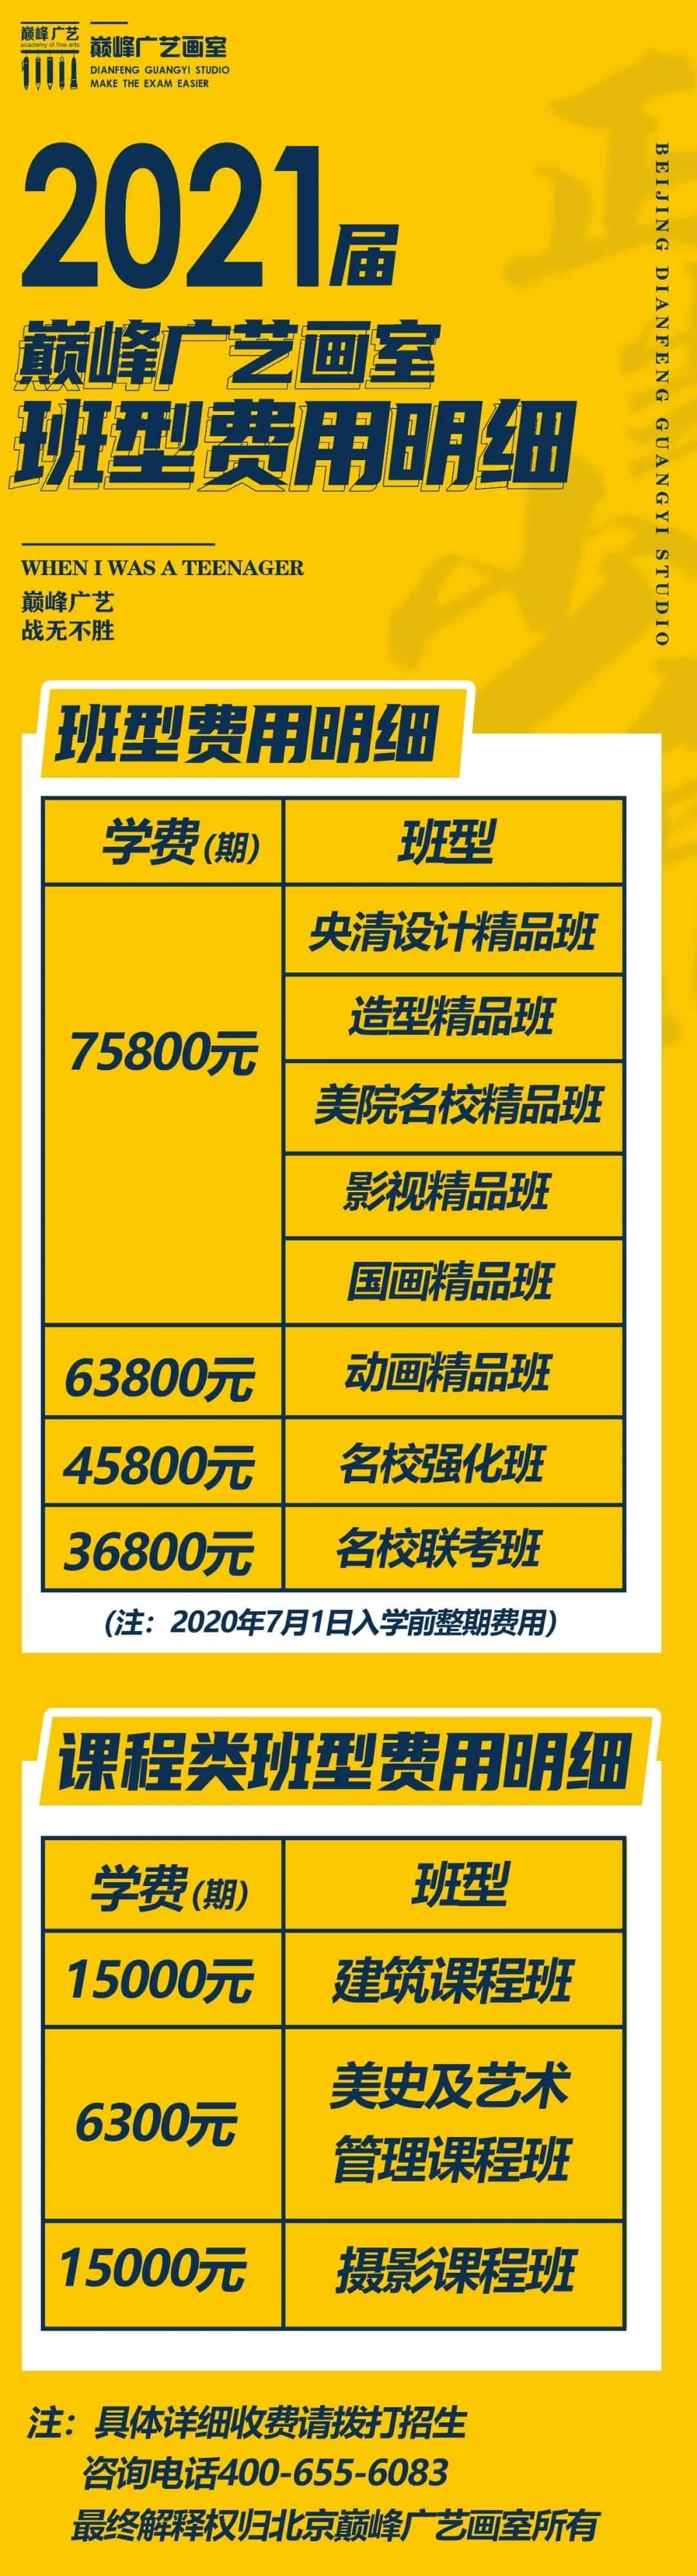 北京巅峰广艺画室,北京画室,北京美术集训,05